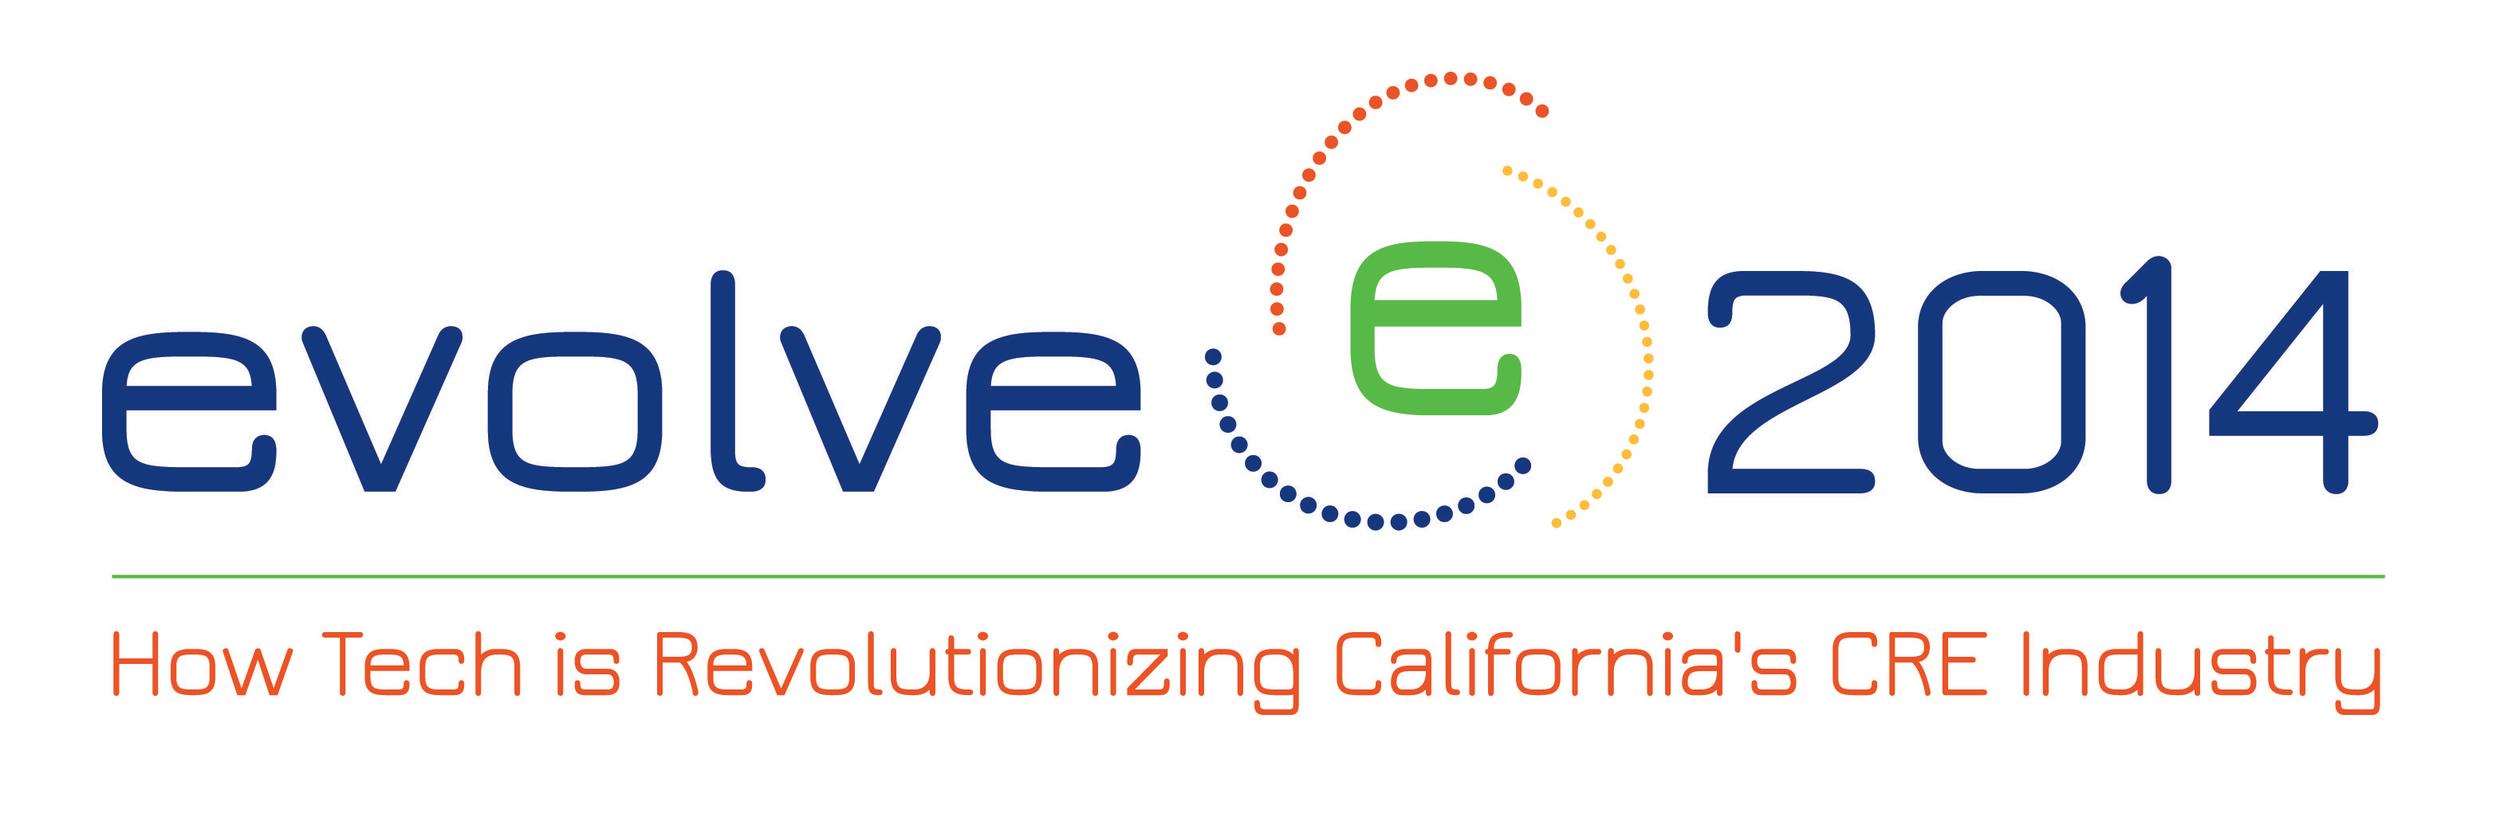 2014-Logo-Final-Evolove-WEB.jpg